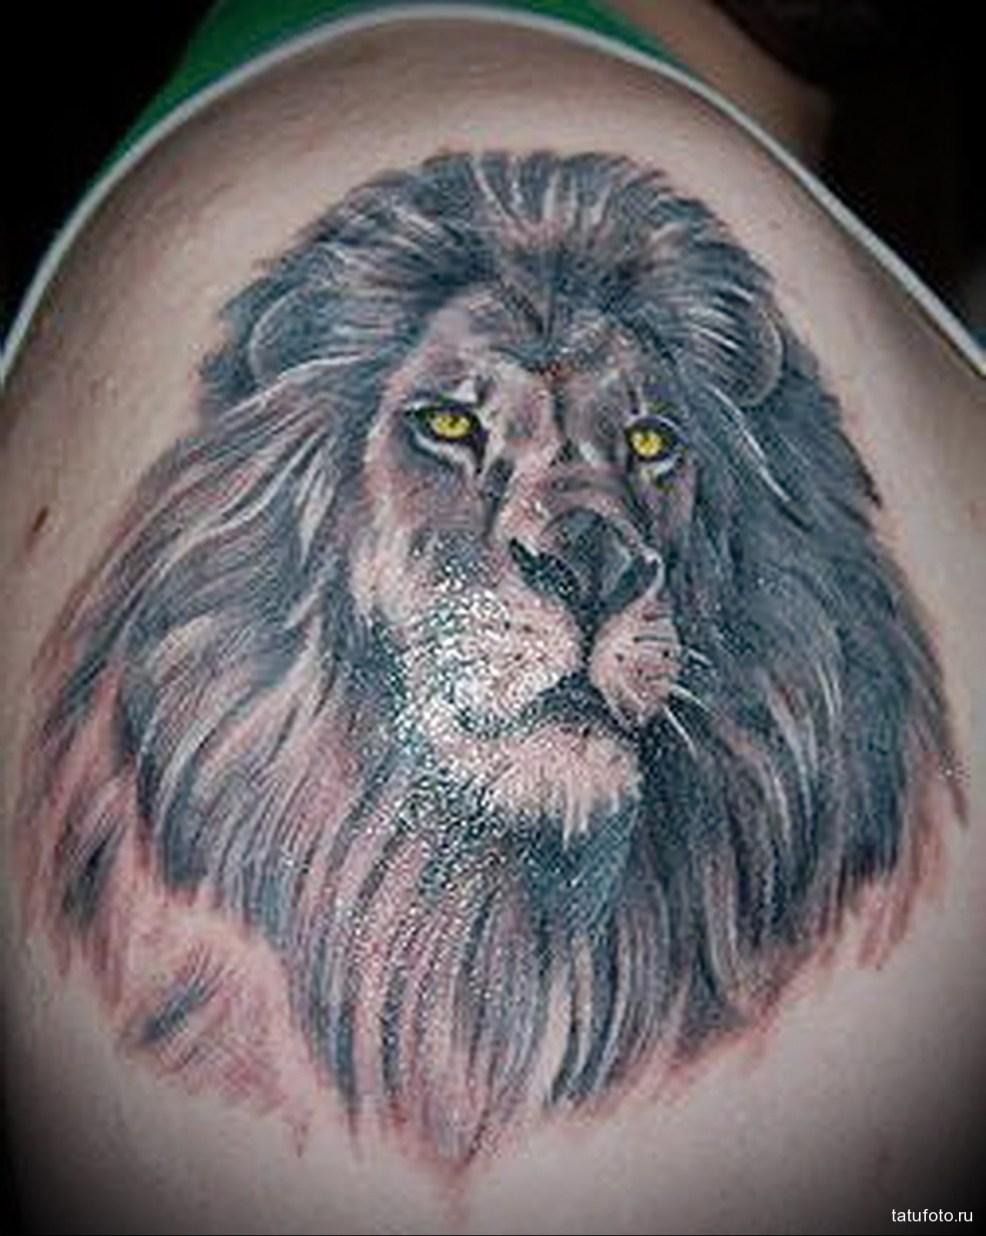 тату лев с горящими глазами мужская татуировка на плече Tatufotocom